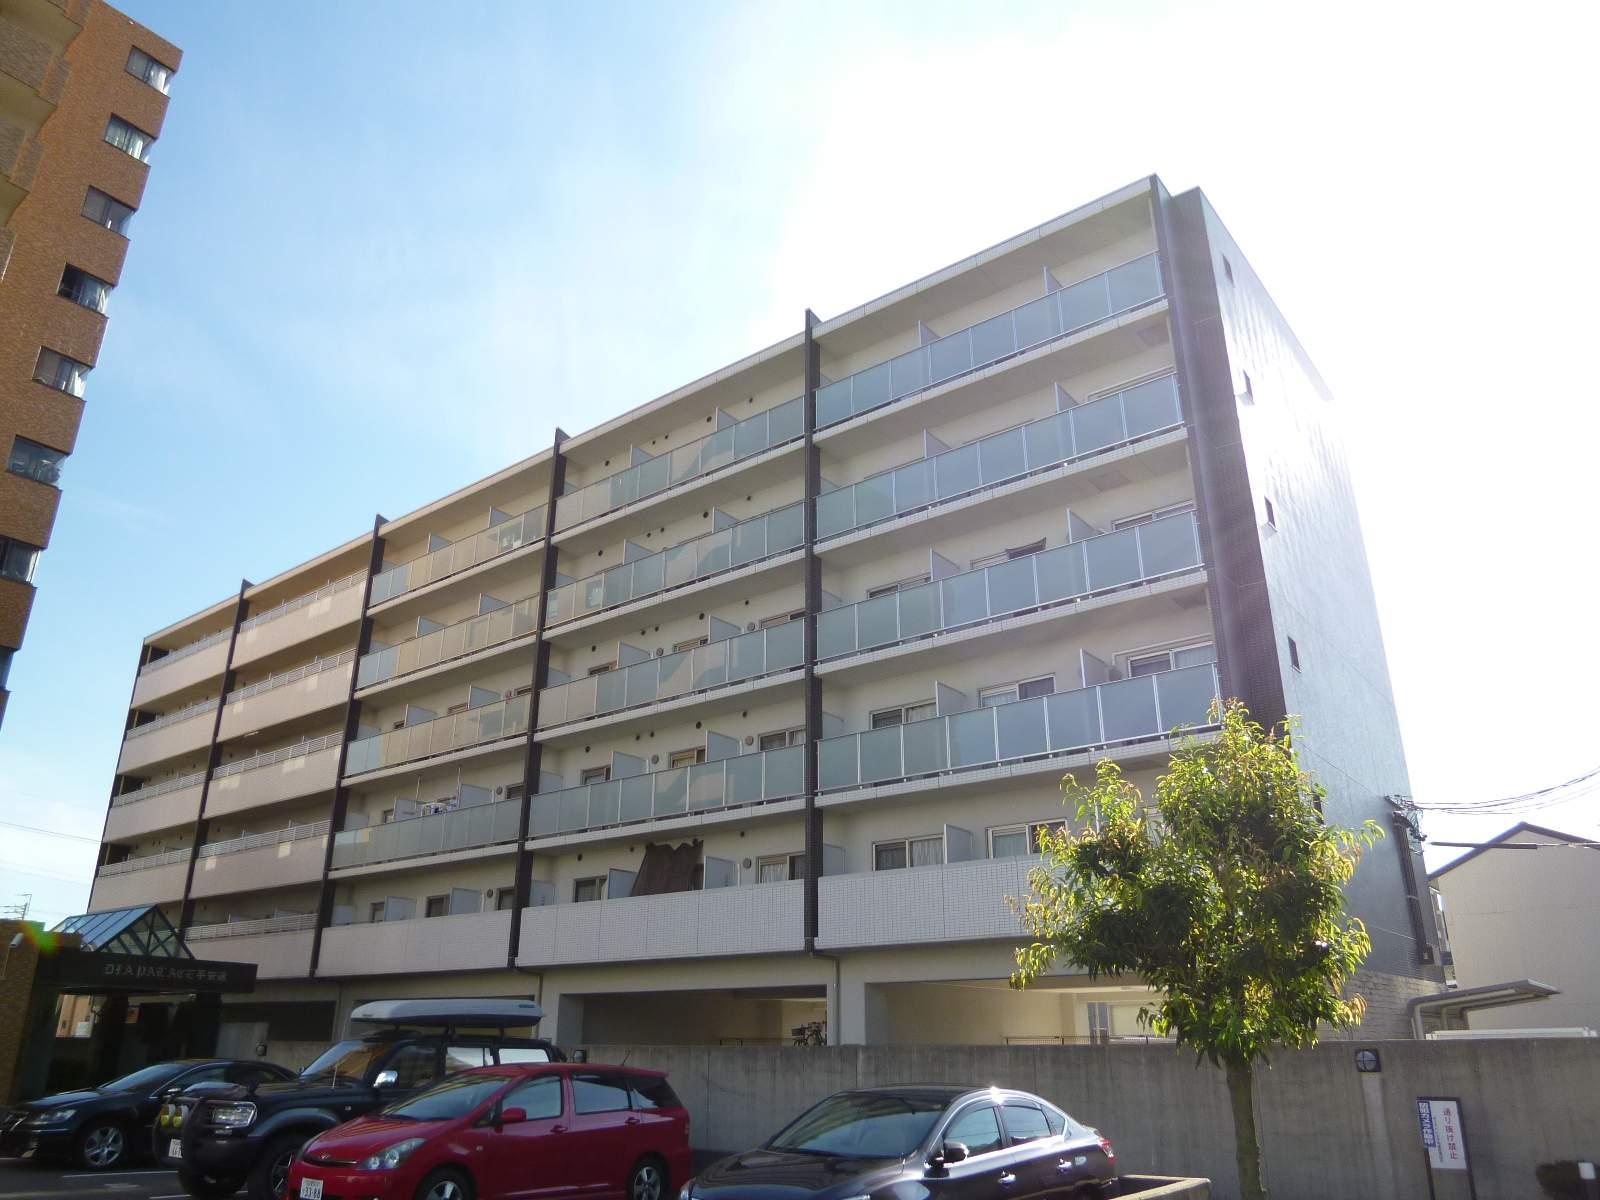 愛知県名古屋市北区、上飯田駅徒歩12分の築11年 6階建の賃貸マンション